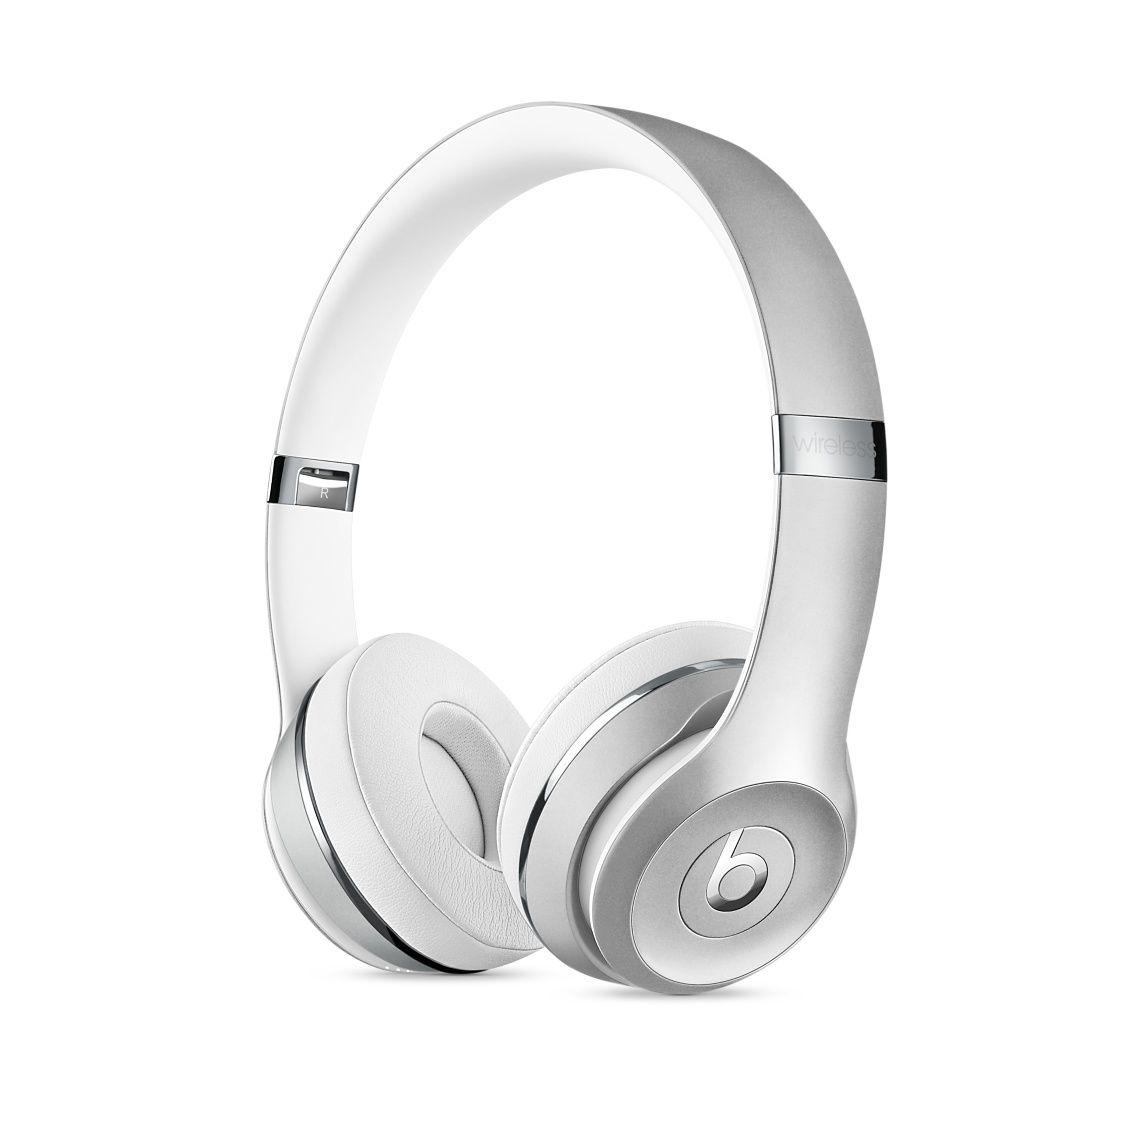 apple headphones wireless. Beats Solo3 Wireless On-Ear Headphones - Silver Apple